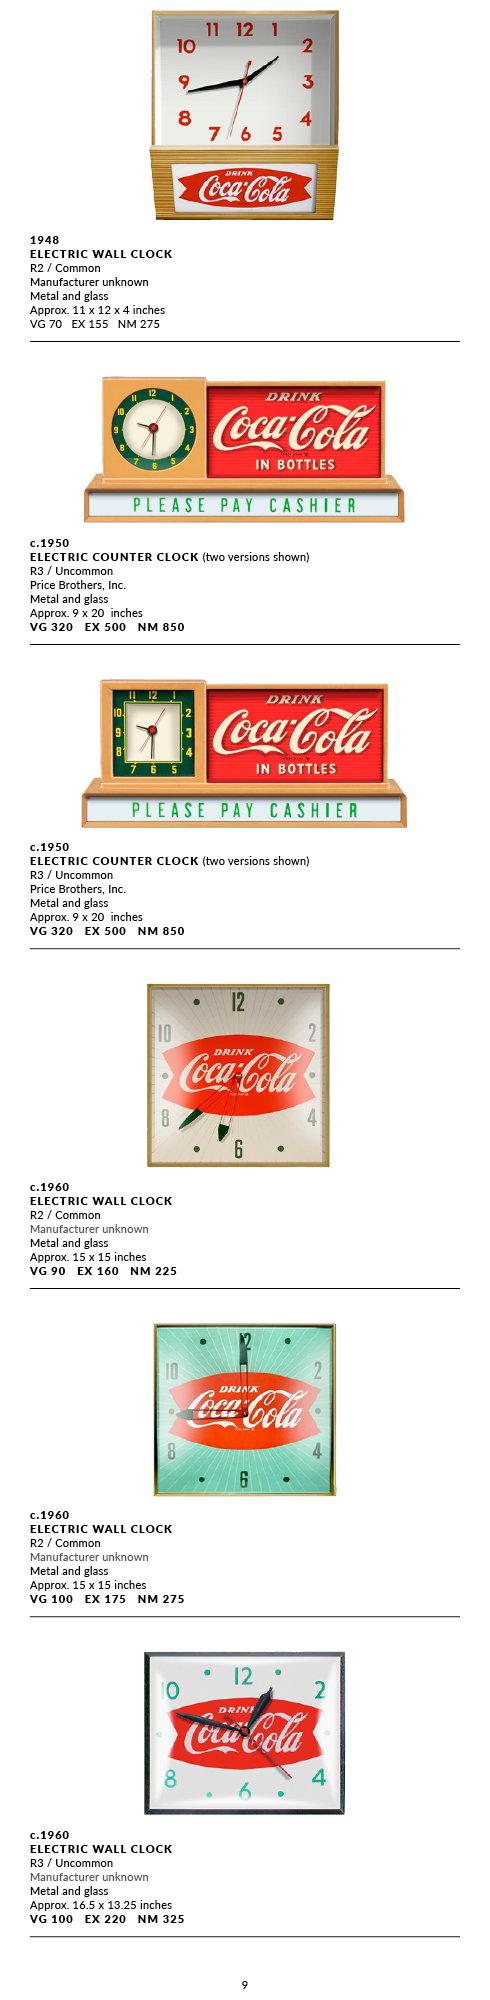 Clocks9.jpg